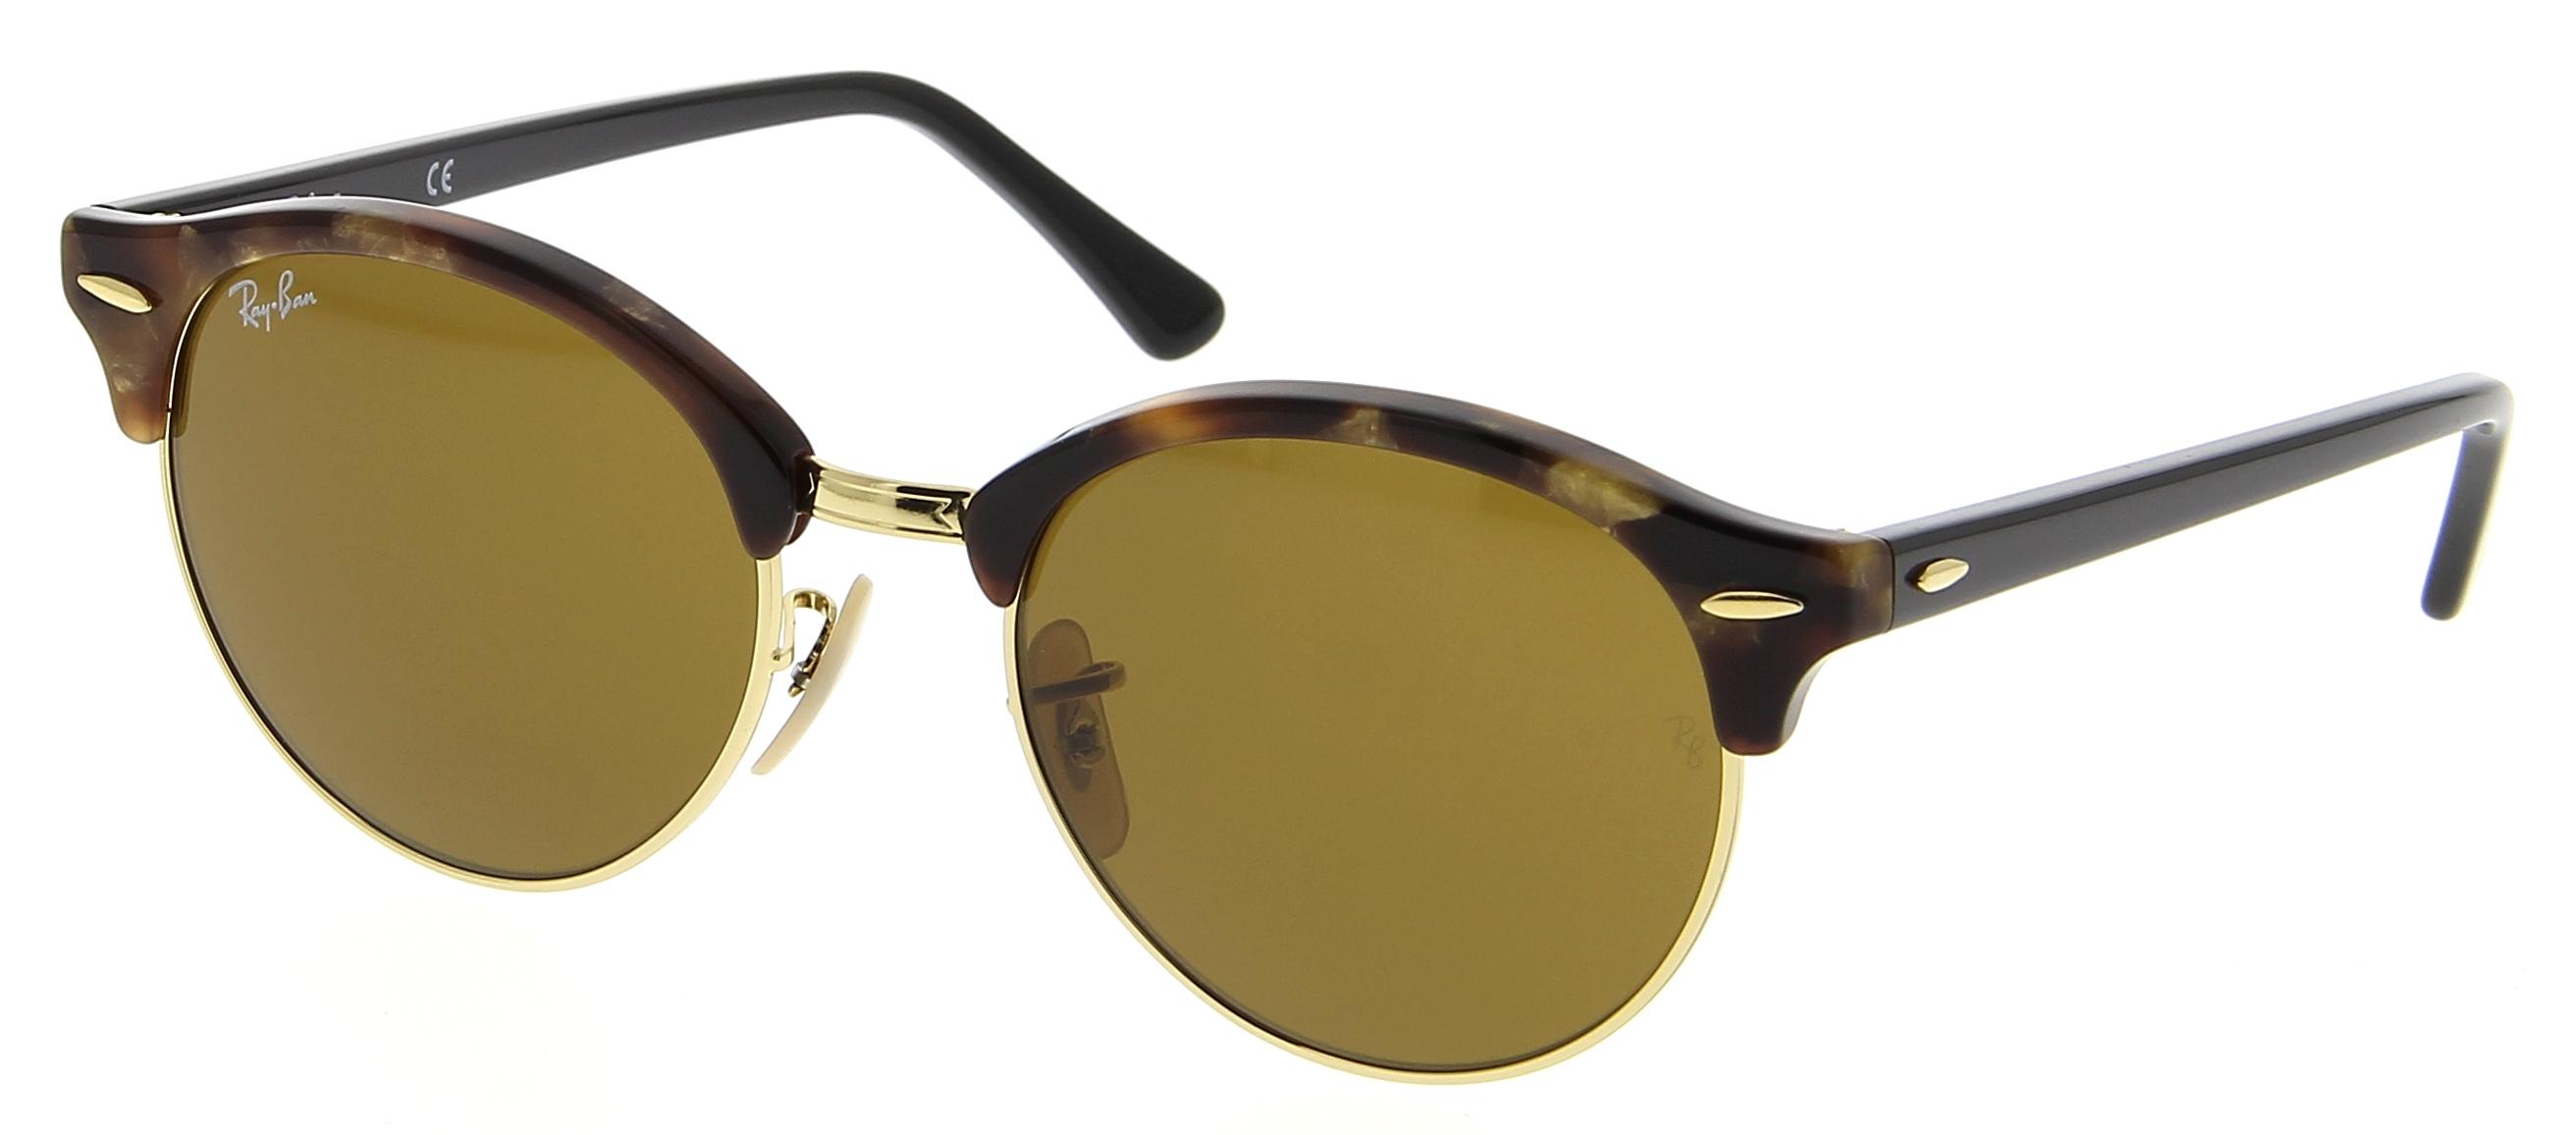 lunettes de soleil ray ban rb 4246 1160 clubround 51 19 mixte ecaille arrondie cercl e vintage. Black Bedroom Furniture Sets. Home Design Ideas